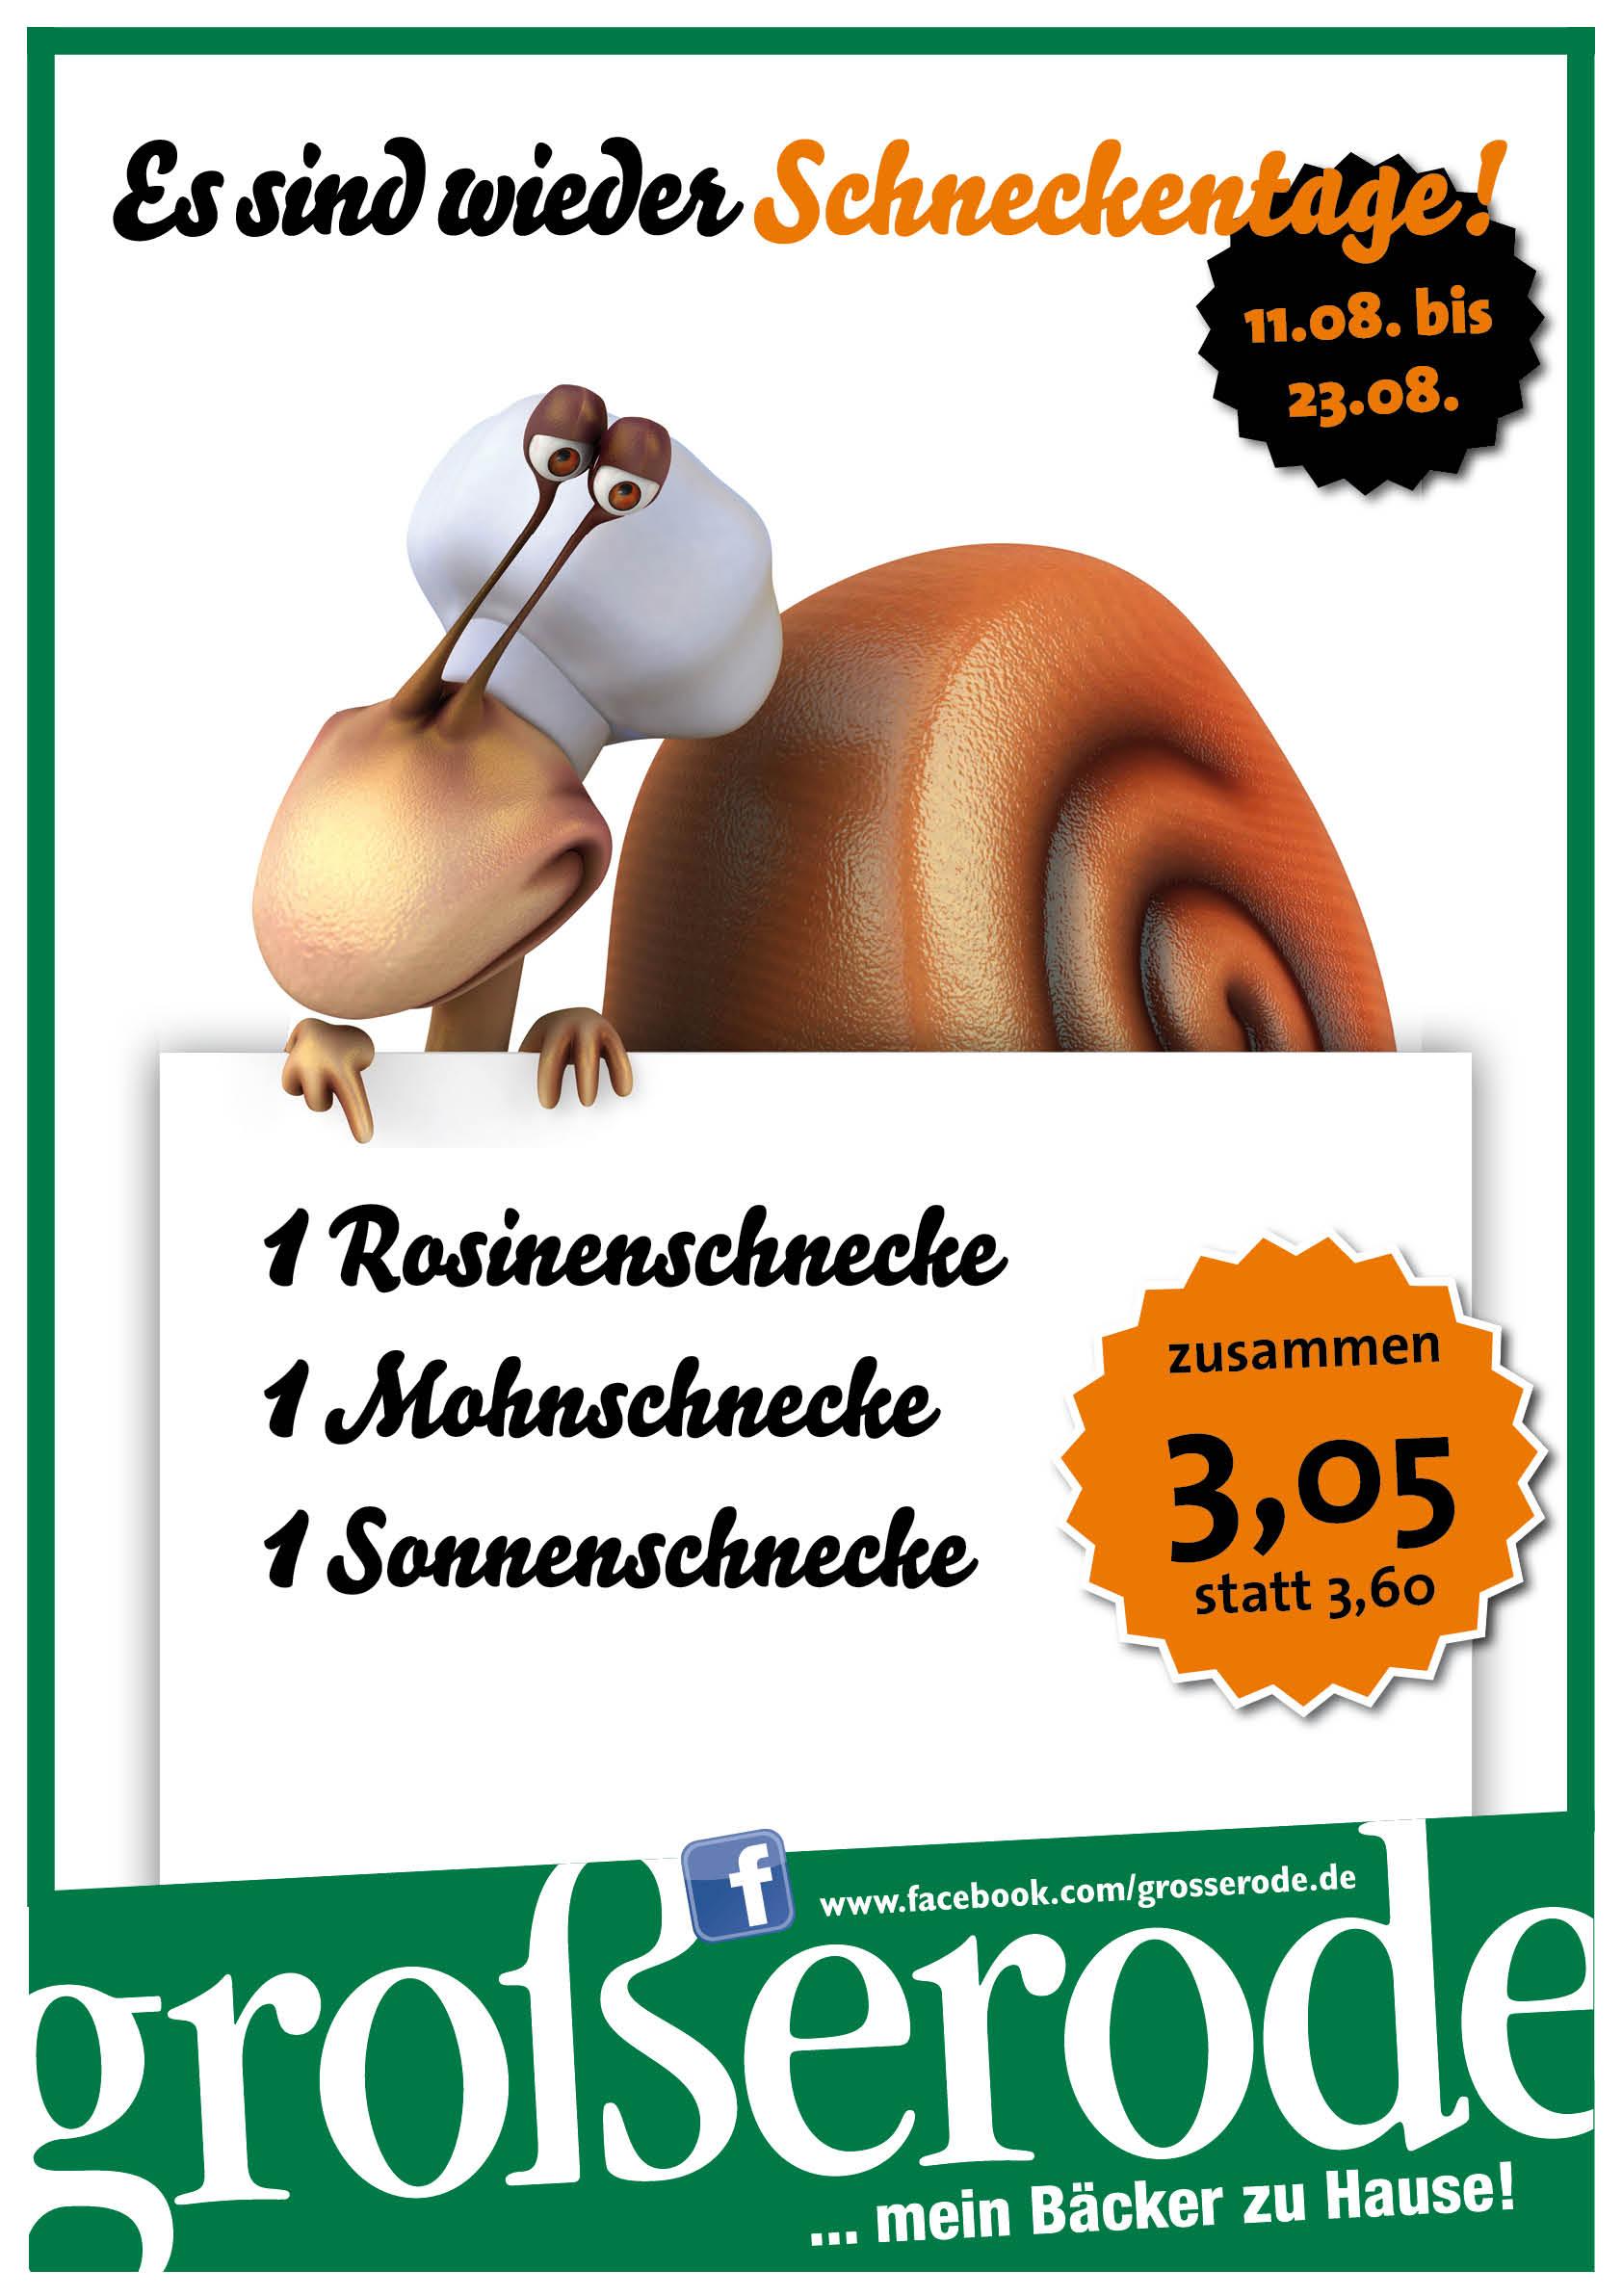 20140723_Grosserode_Schneckentage_Web1.jpg